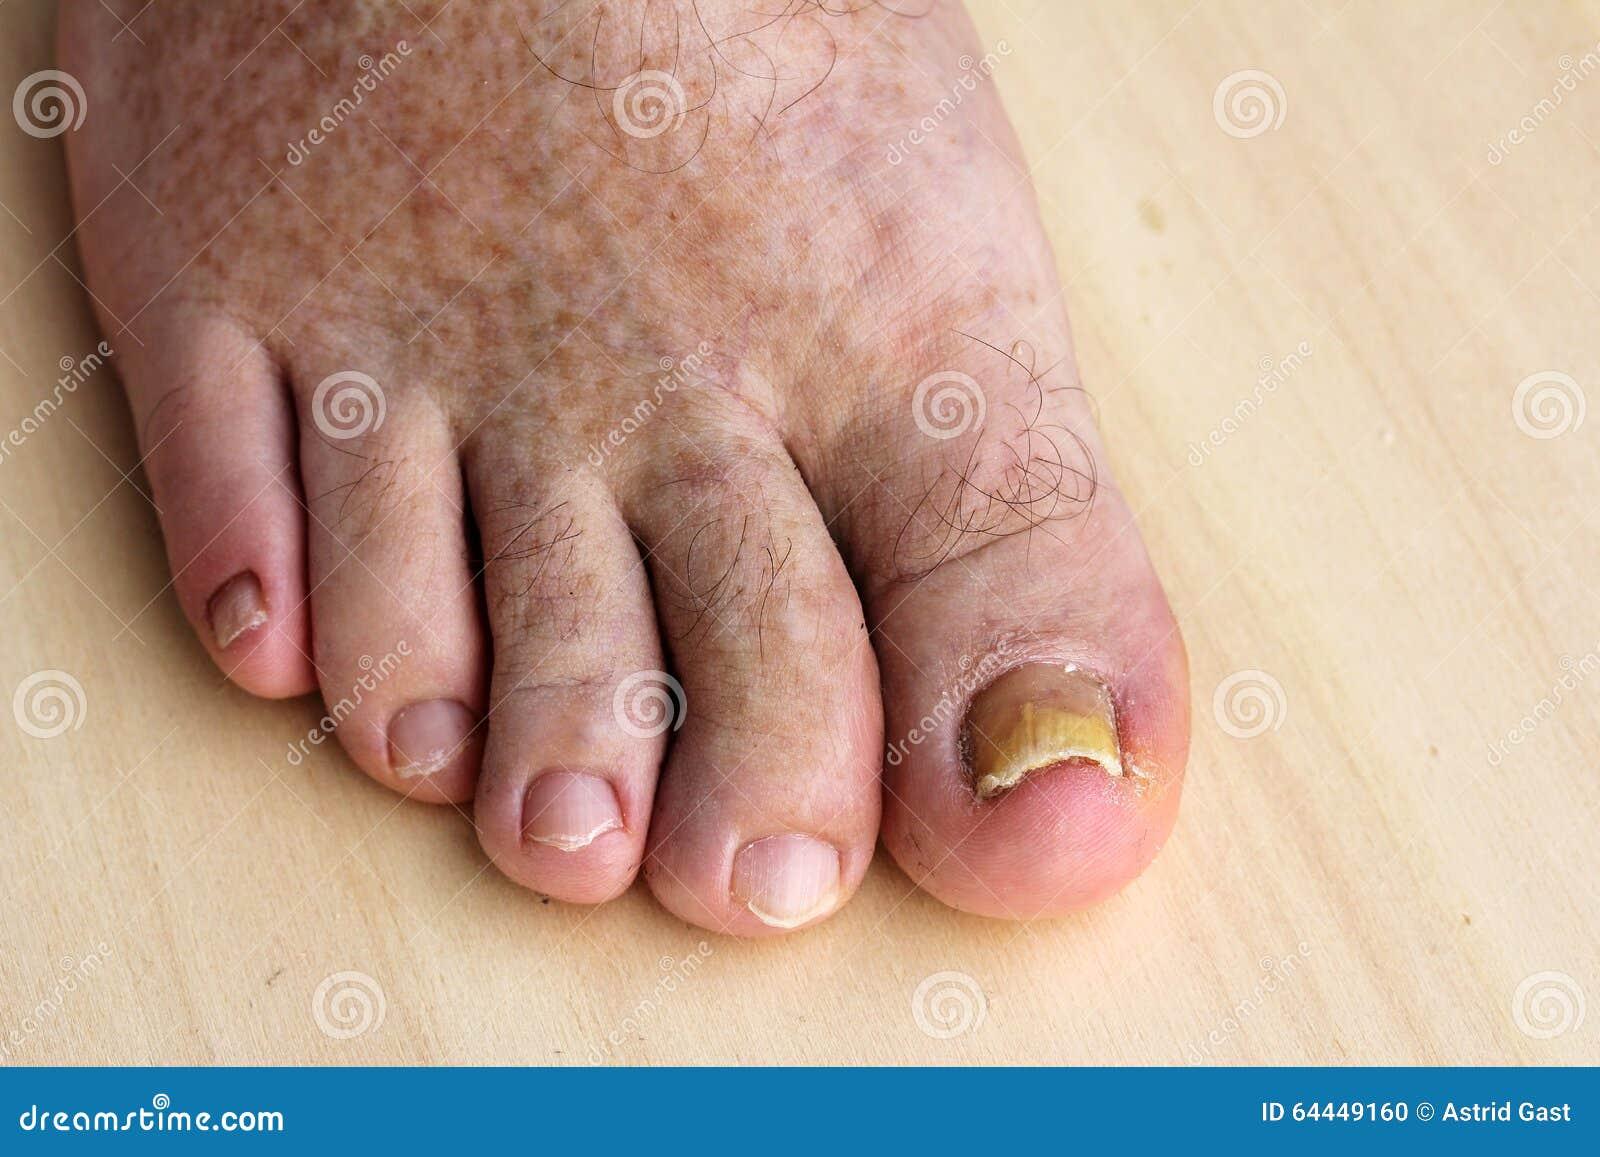 El primer indicio del hongo de las uñas en los pies